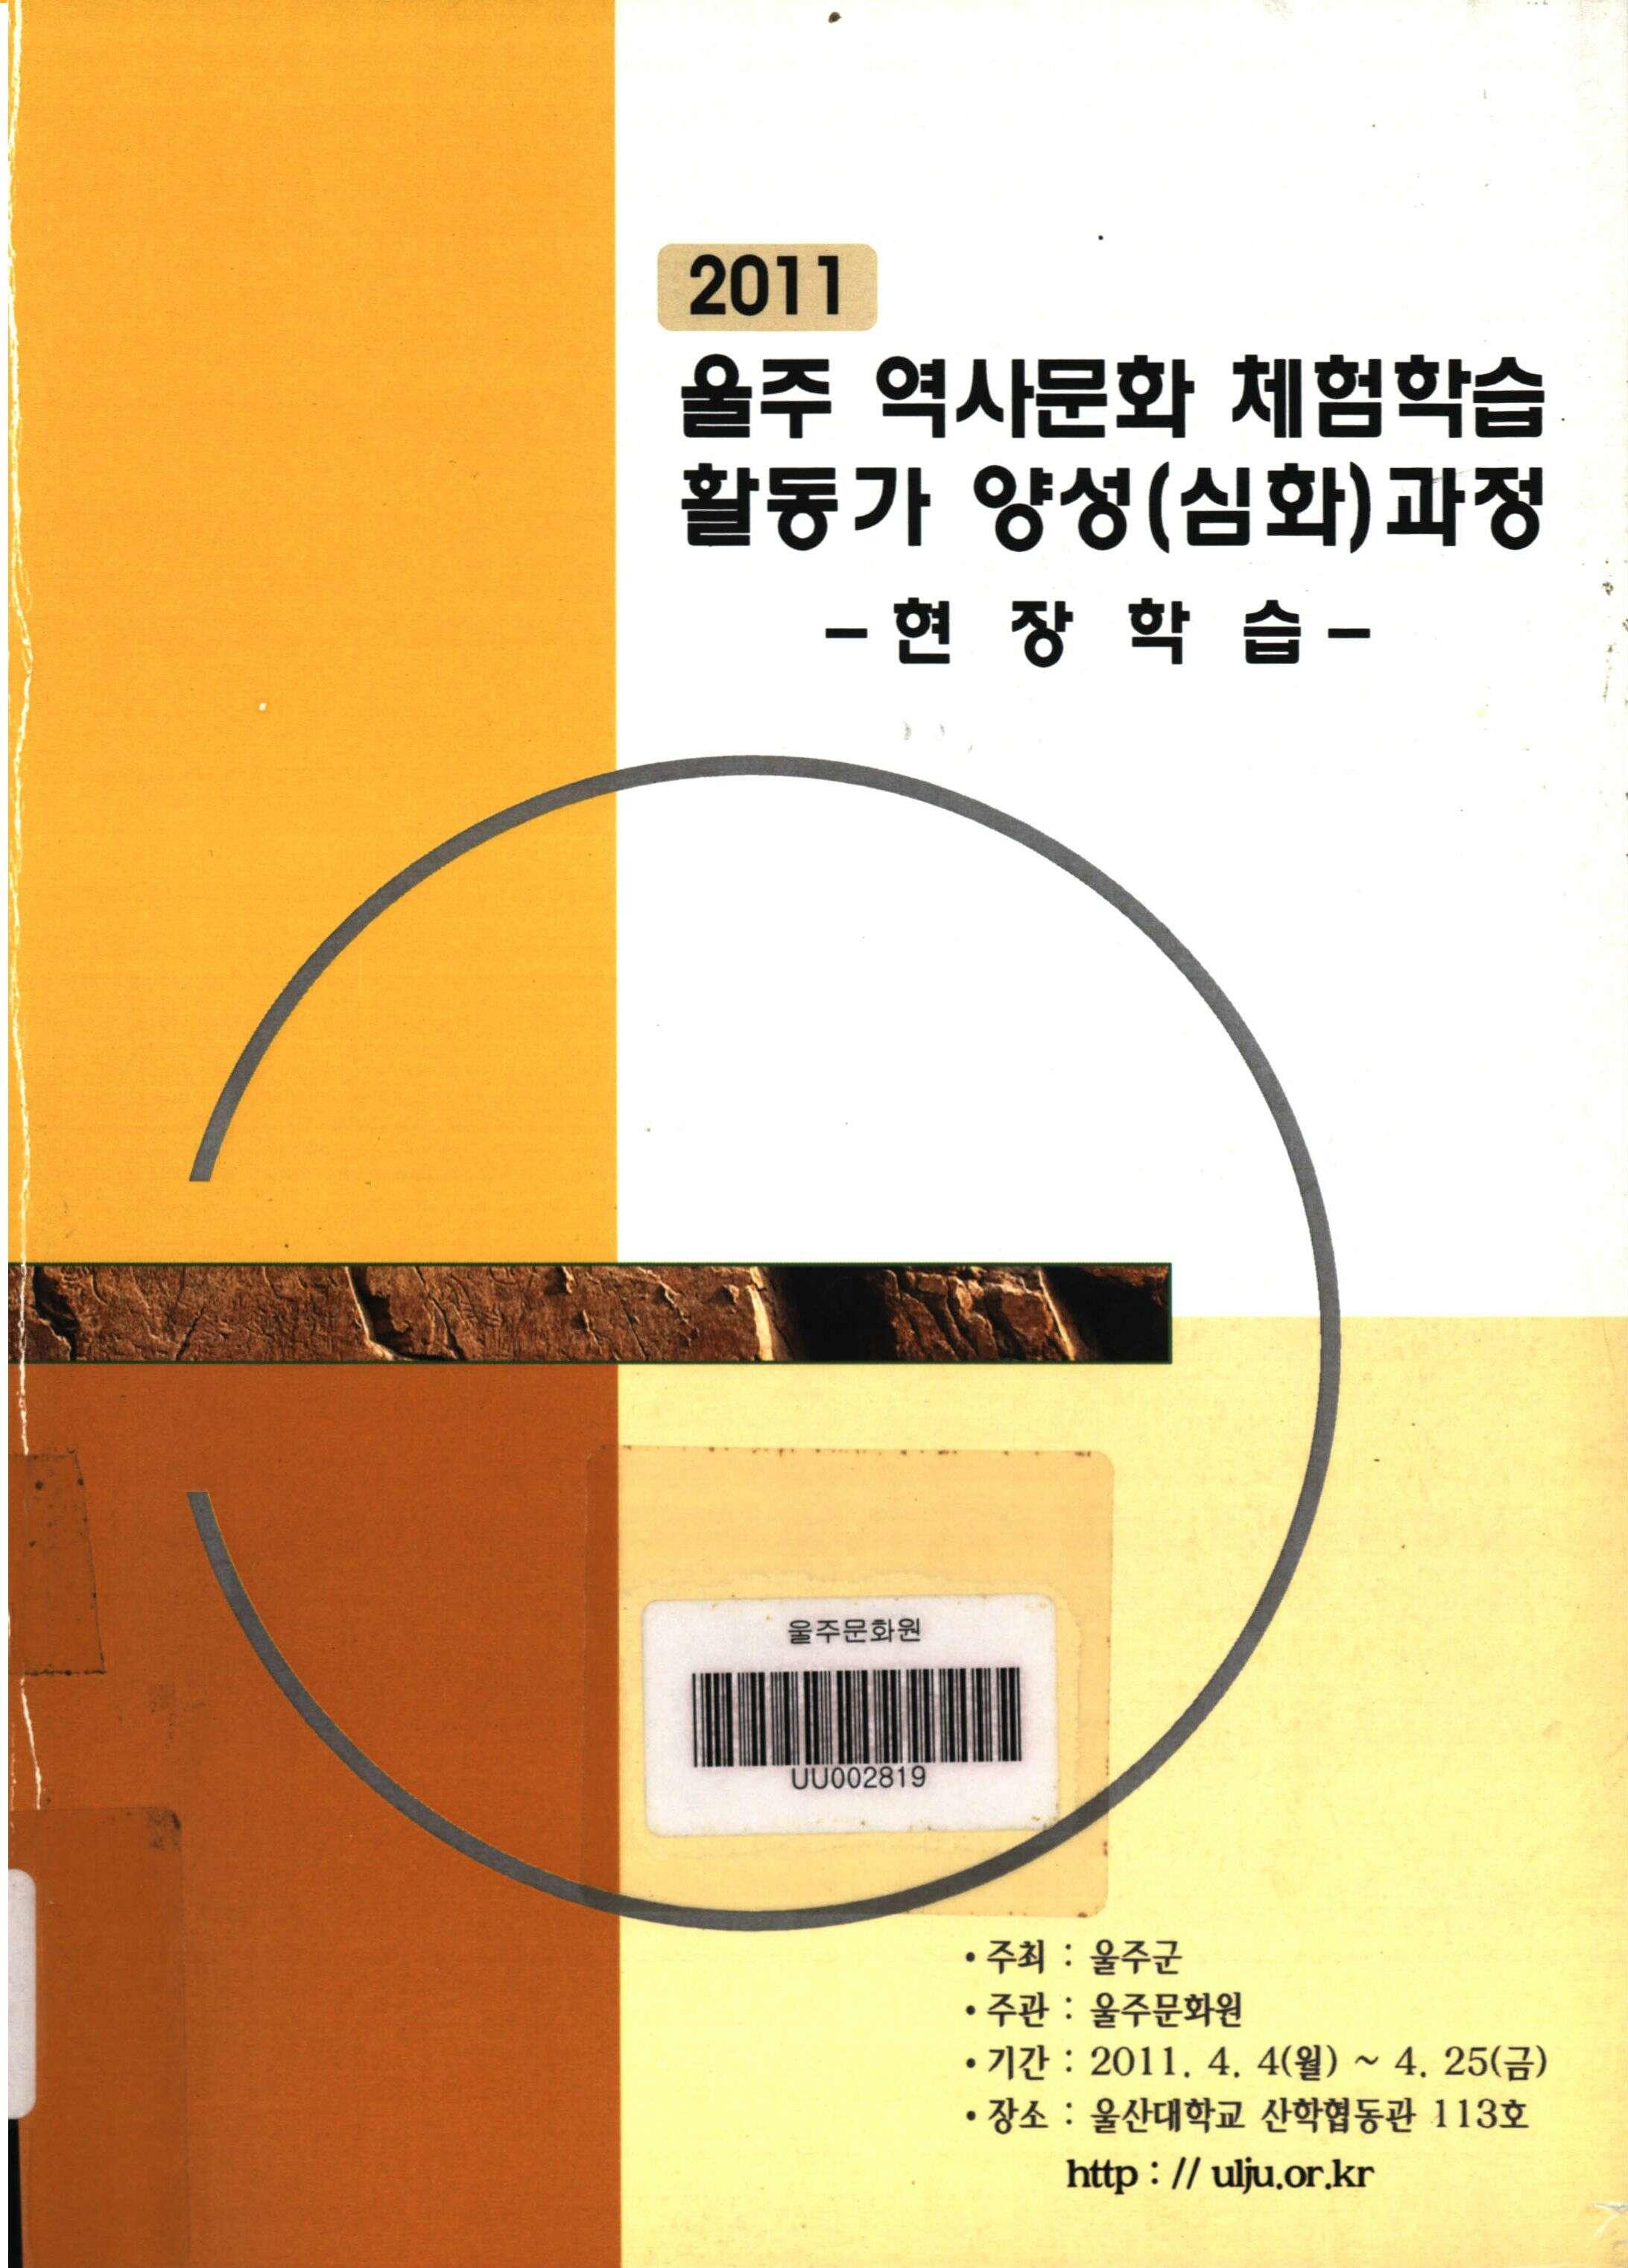 (2011) 울주 역사문화 체험학습 활동가 양성(심화)과정 -현장학습-